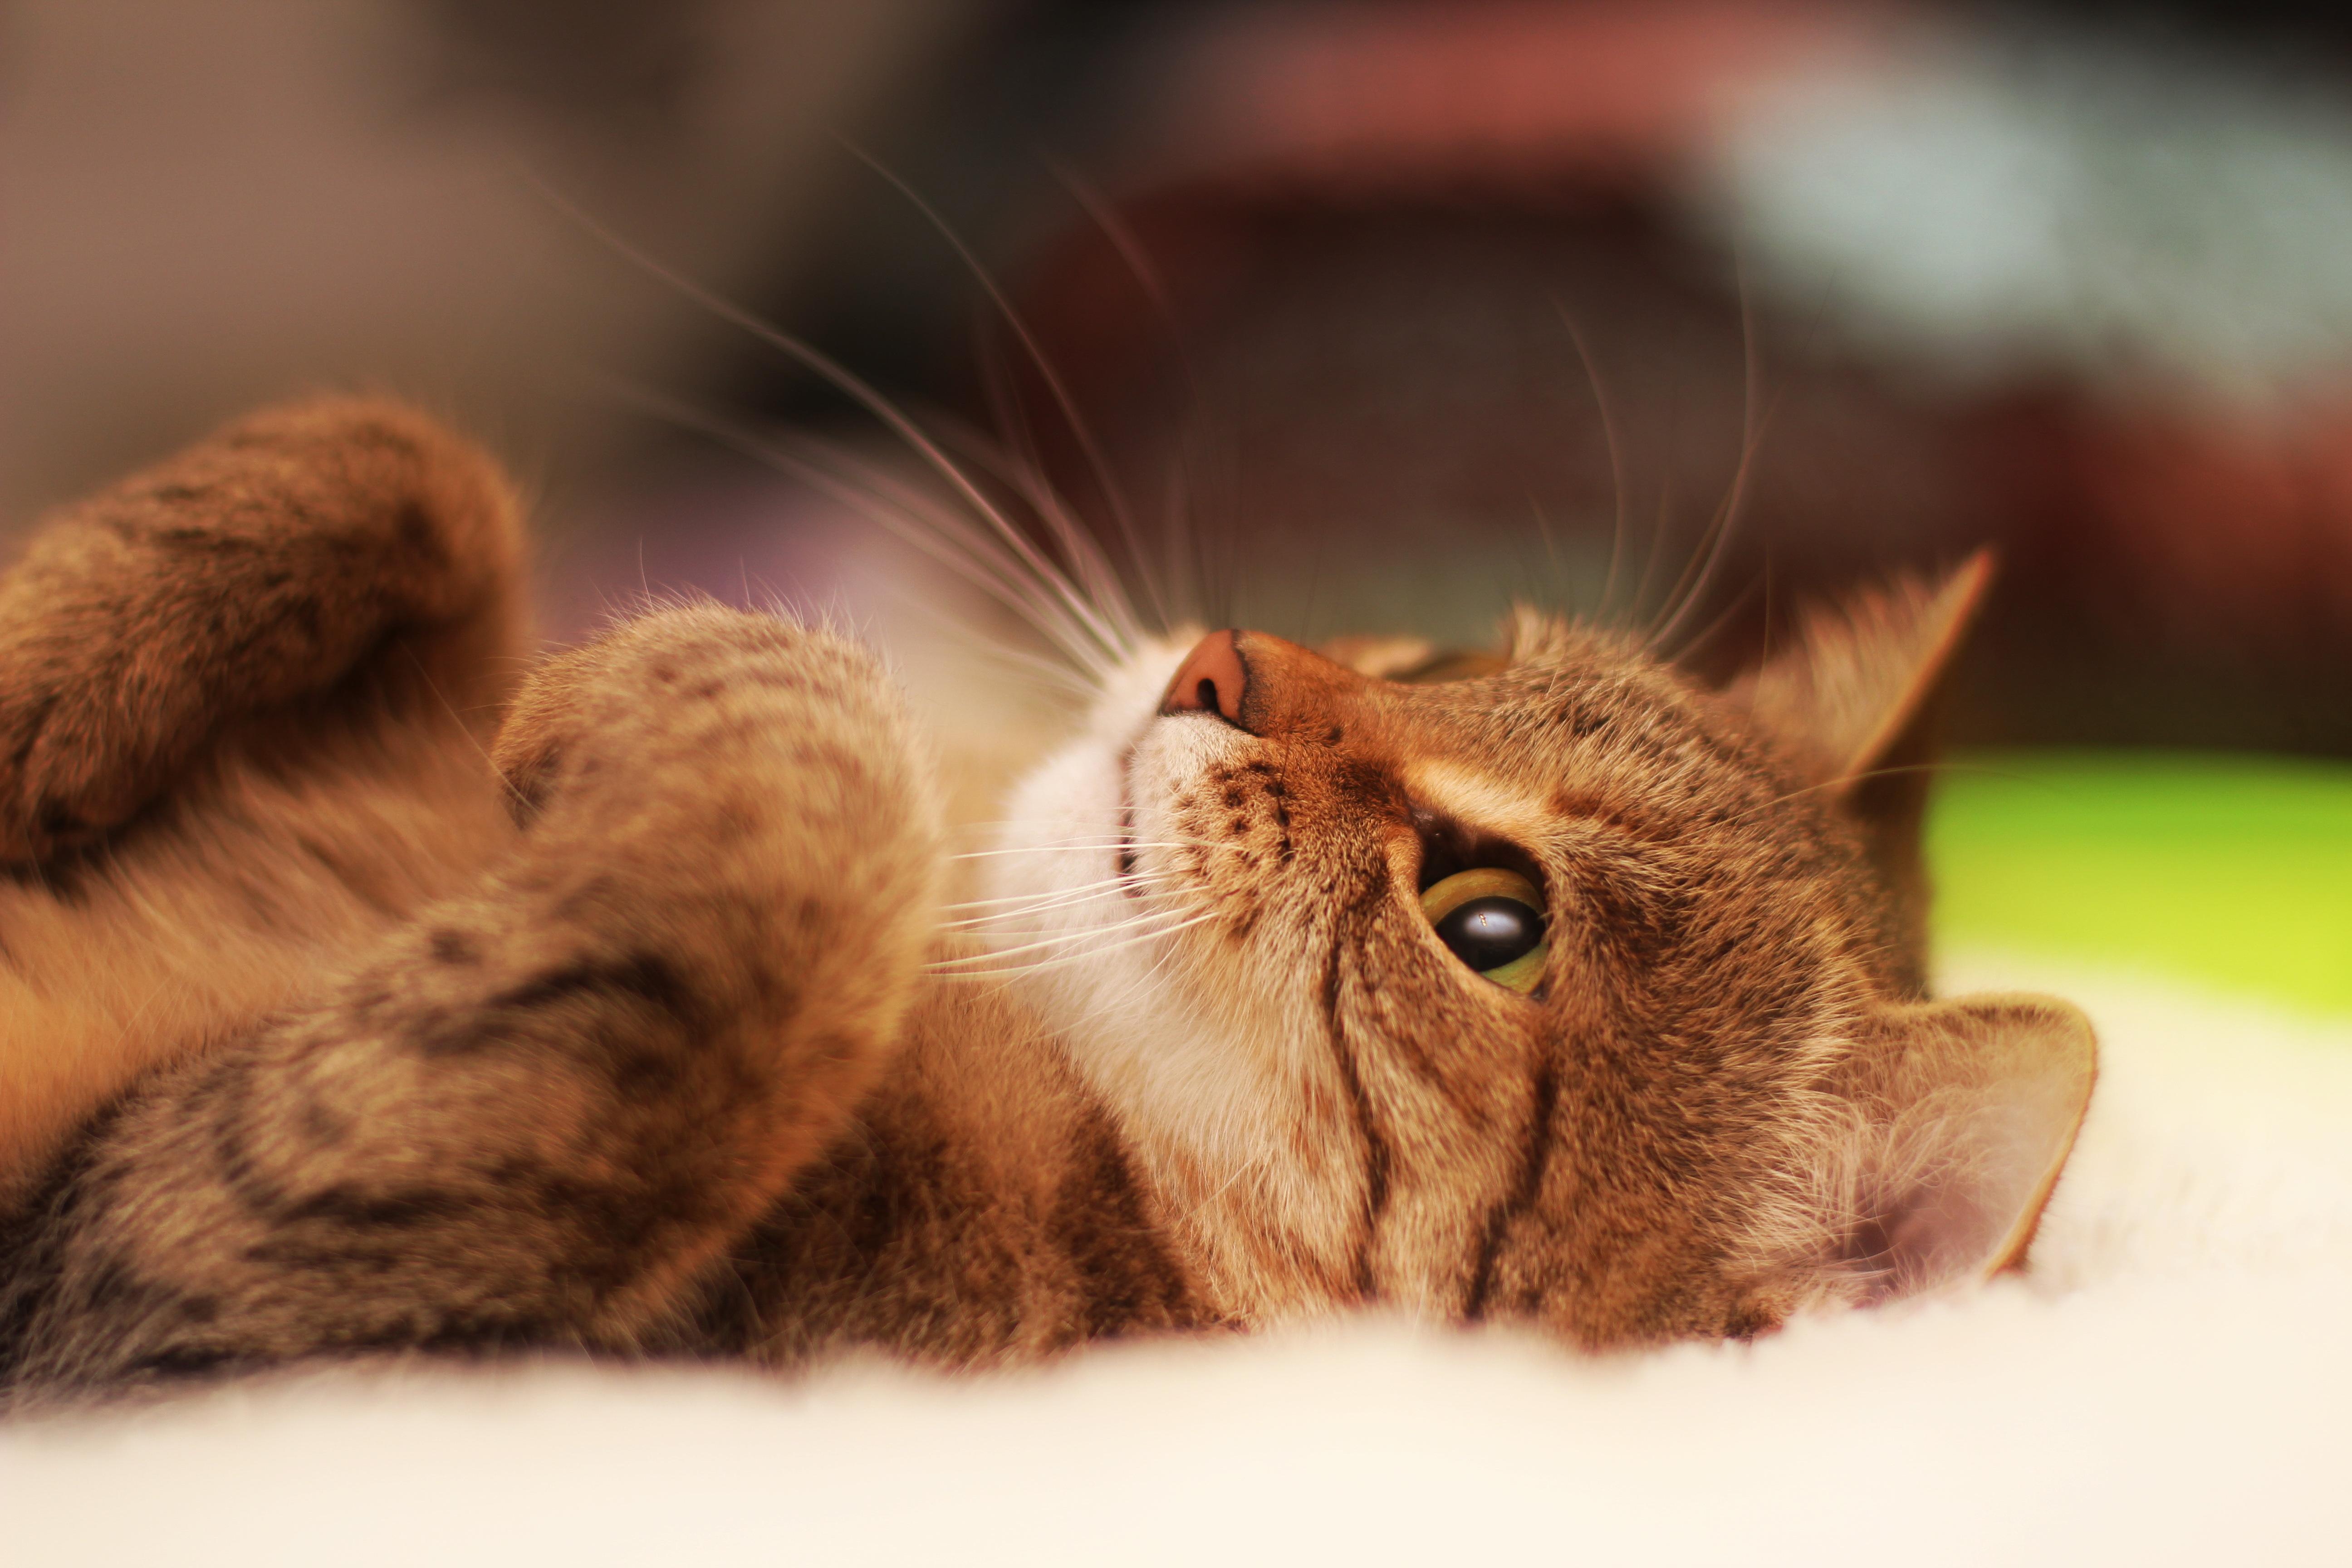 картинки на рабочий стол животные кошки смешные показавшись поле